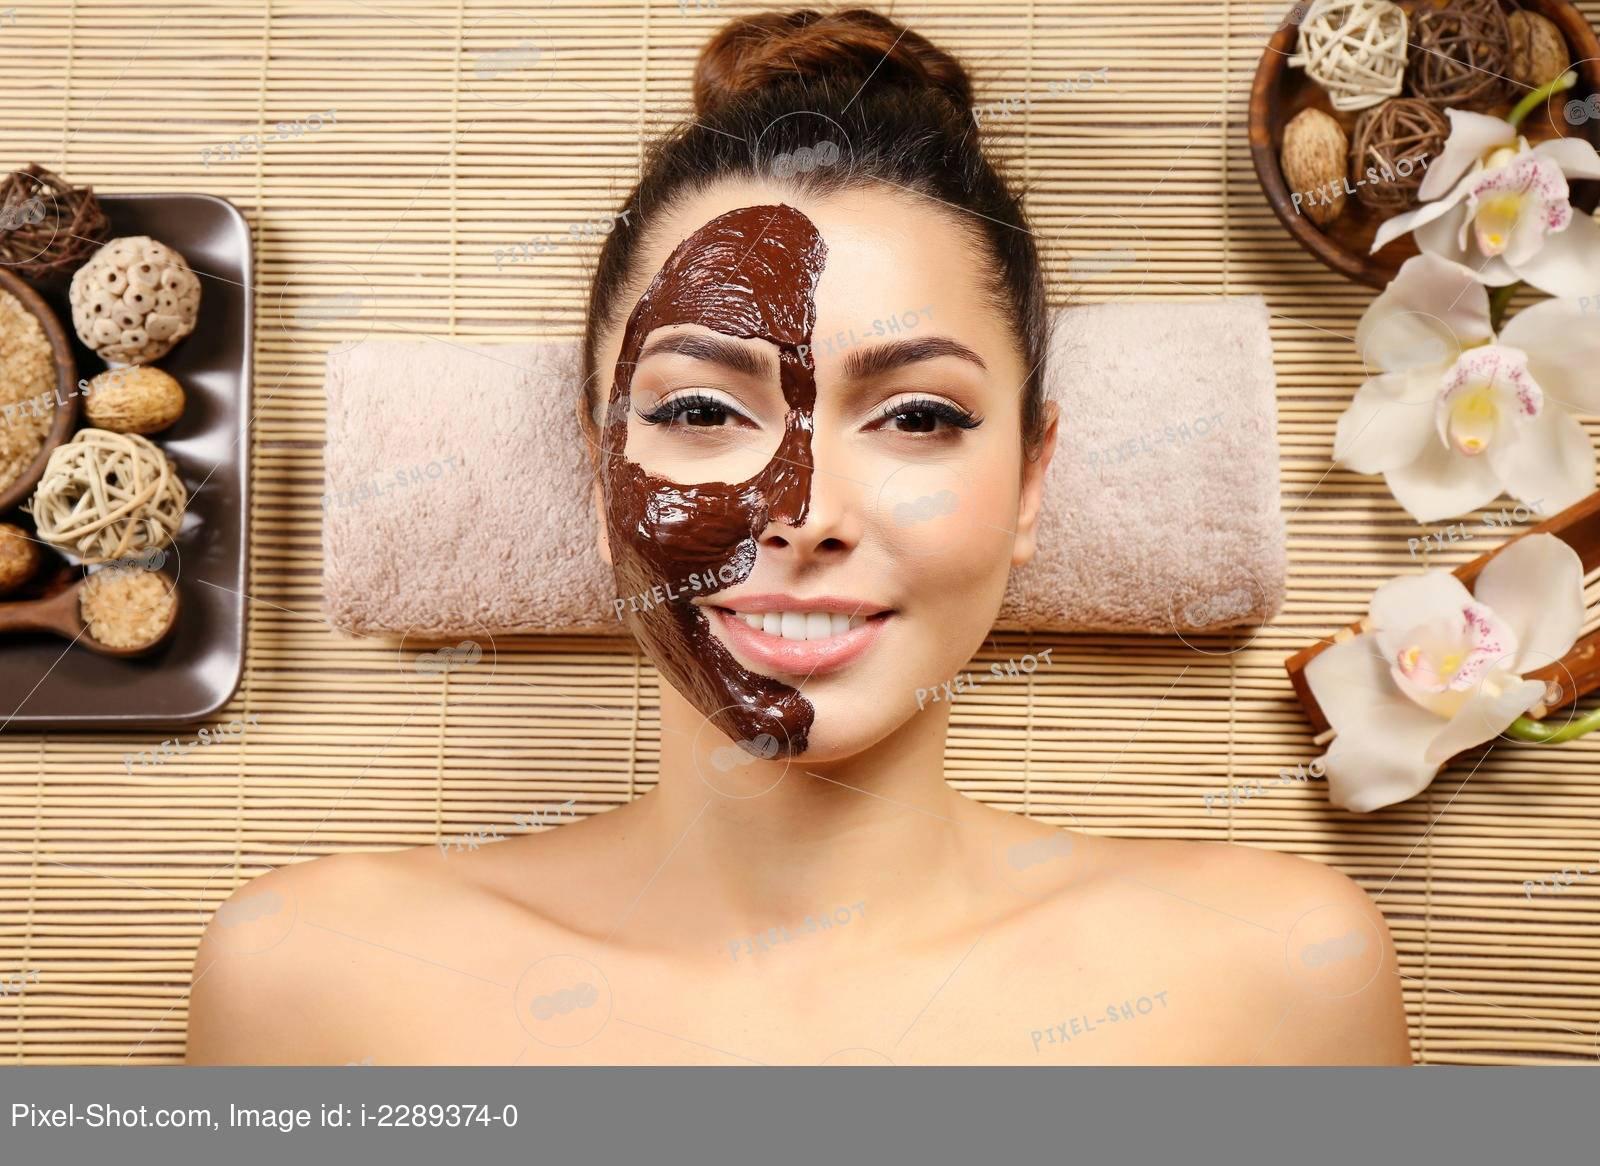 Маска для волос с какао: действие, применение, рейтинг, домашние рецепты